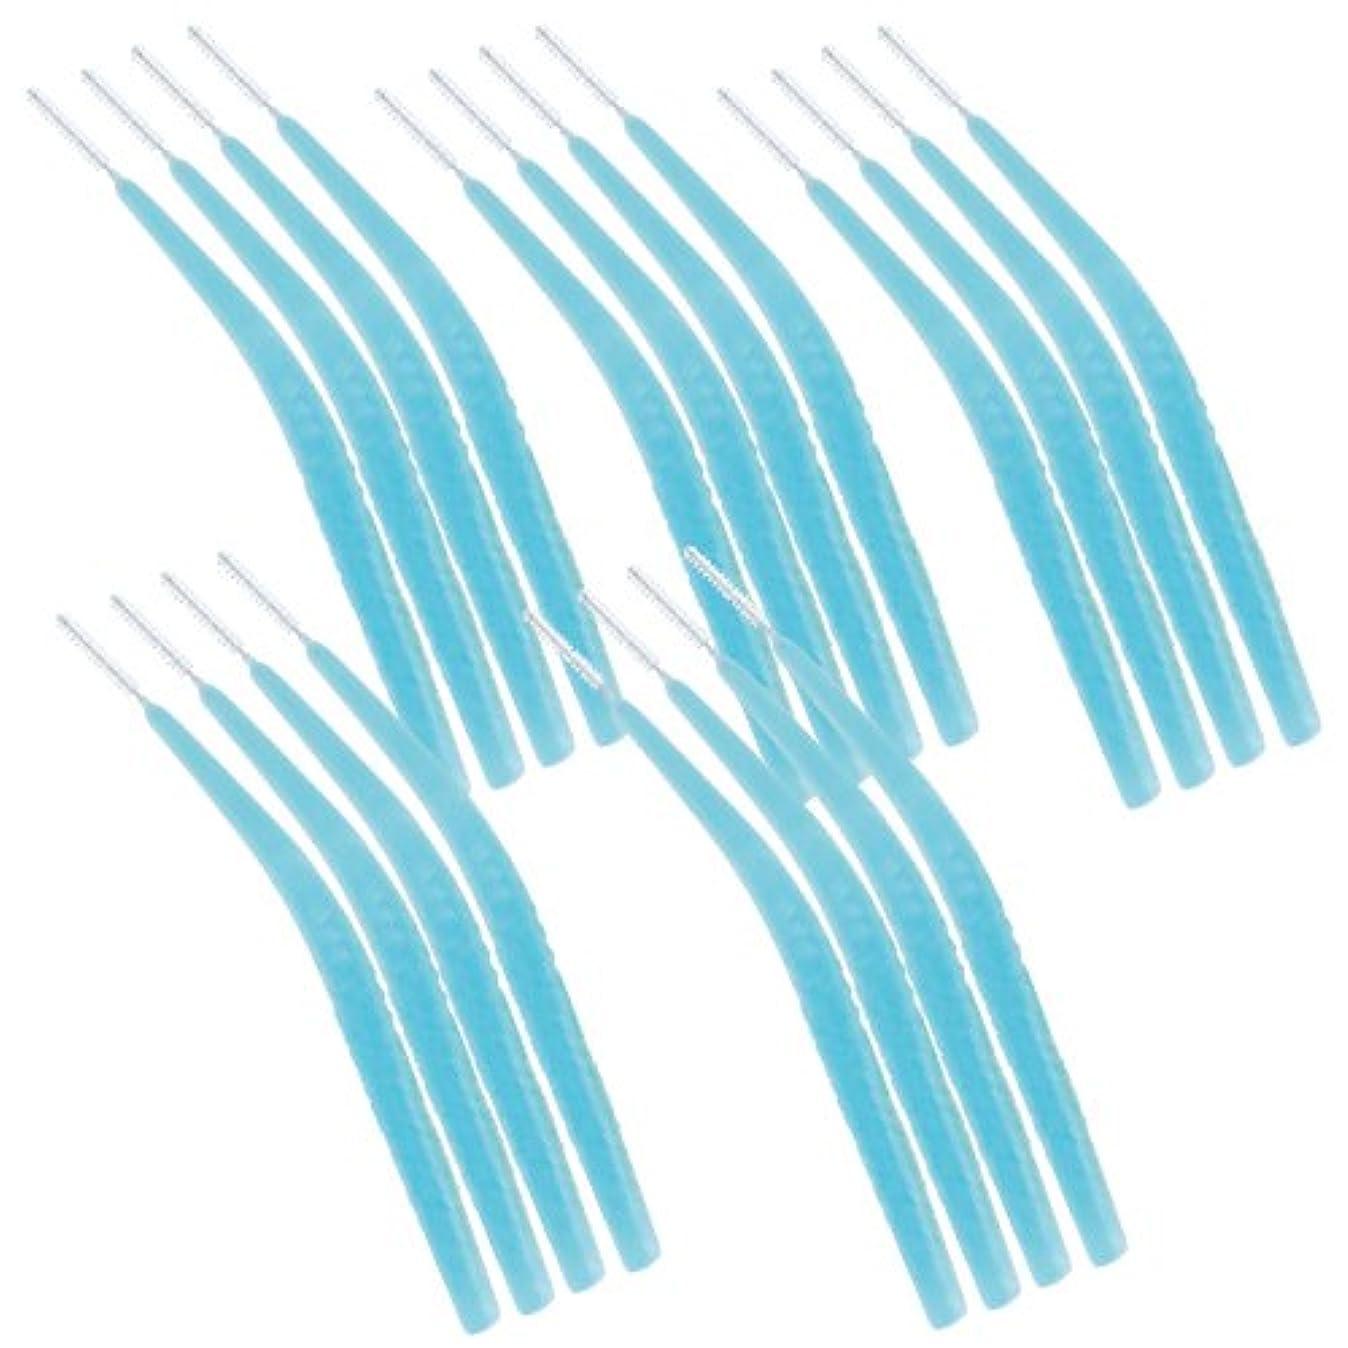 アブストラクトリーン寂しいプロスペック 歯間ブラシ カーブアクア 4本入 × 5パック SS アクアブルー